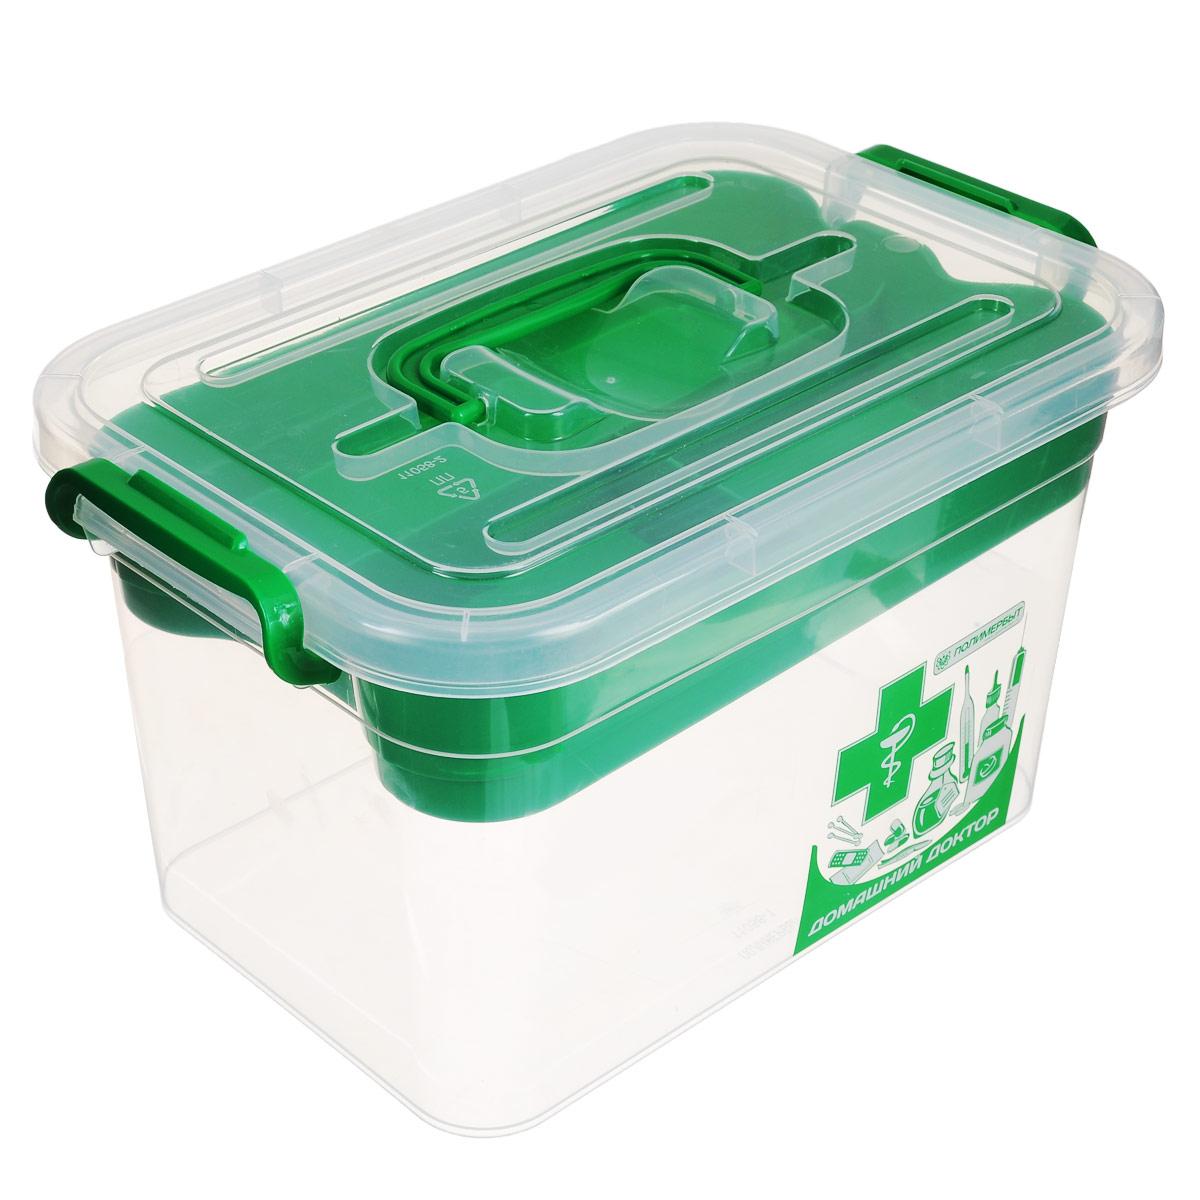 Контейнер для аптечки Полимербыт Домашний доктор, с вкладышем, цвет: зеленый, 6,5 лС80903Контейнер Полимербыт Домашний доктор выполнен из прозрачного пластика. Для удобства переноски сверху имеется ручка. Внутрь вставляется цветной вкладыш с тремя отделениями. Контейнер плотно закрывается крышкой с защелками. Контейнер для аптечки Полимербыт Домашний доктор очень вместителен и поможет вам хранить все лекарства в одном месте.